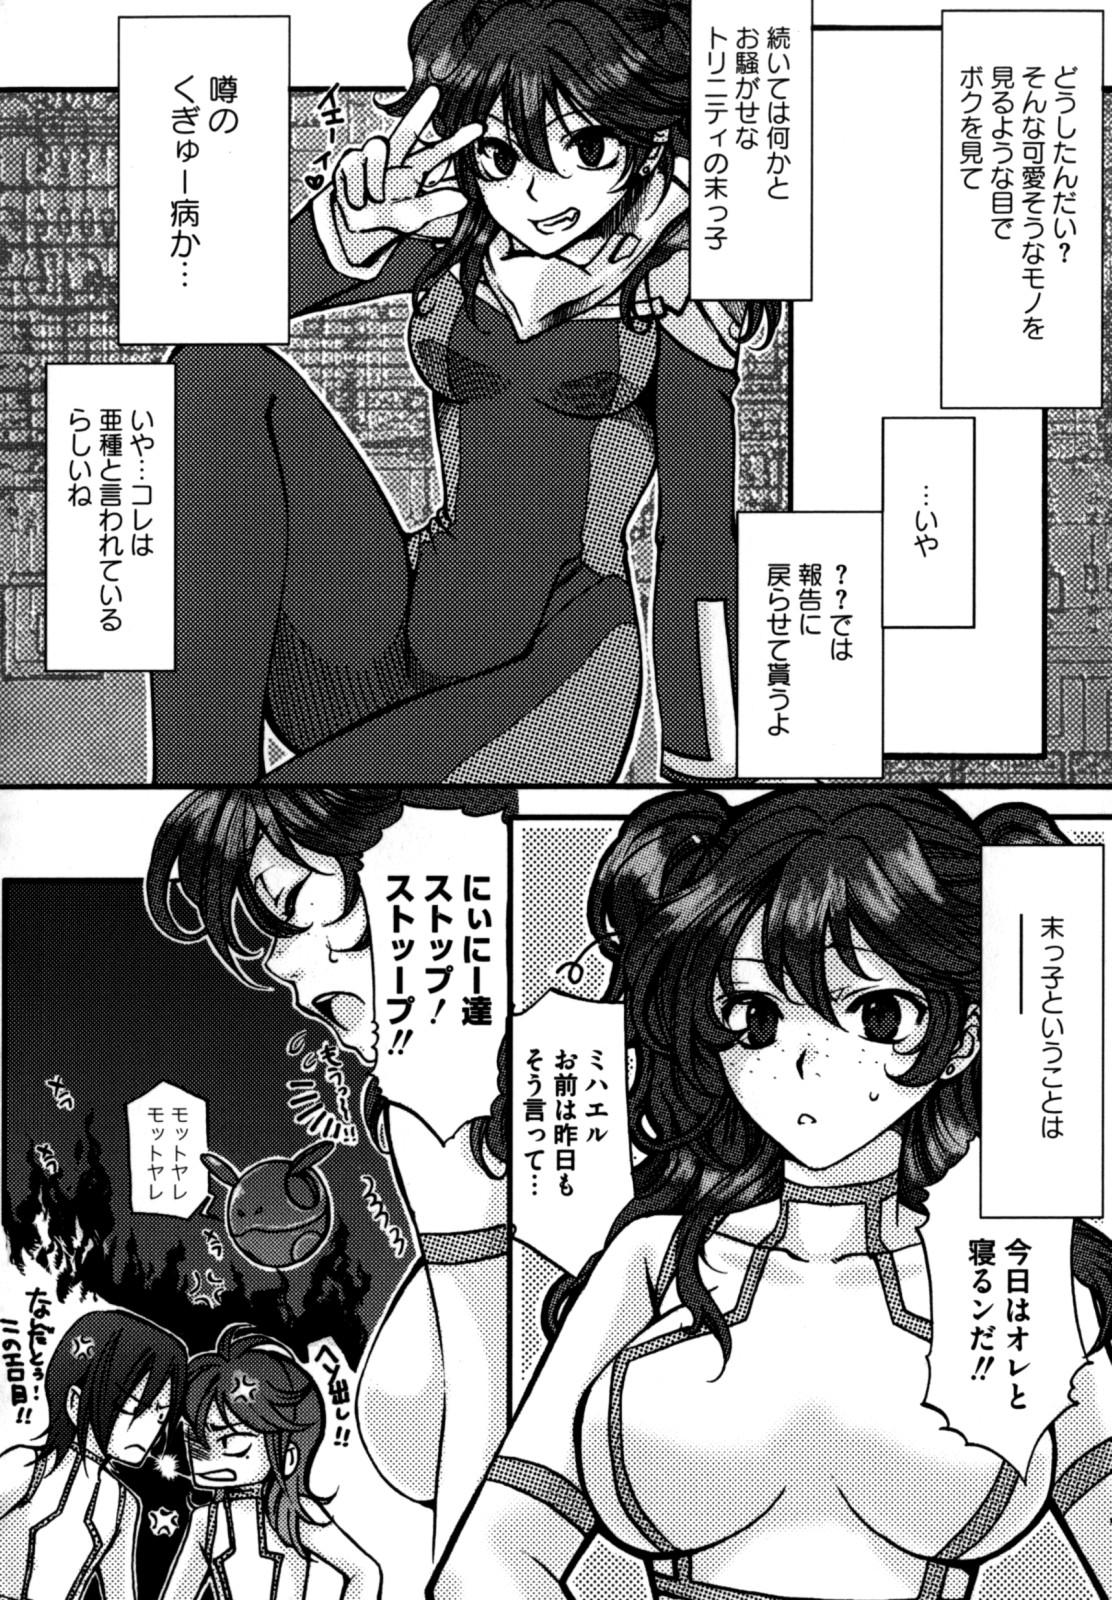 Shikijou no Erosu 145